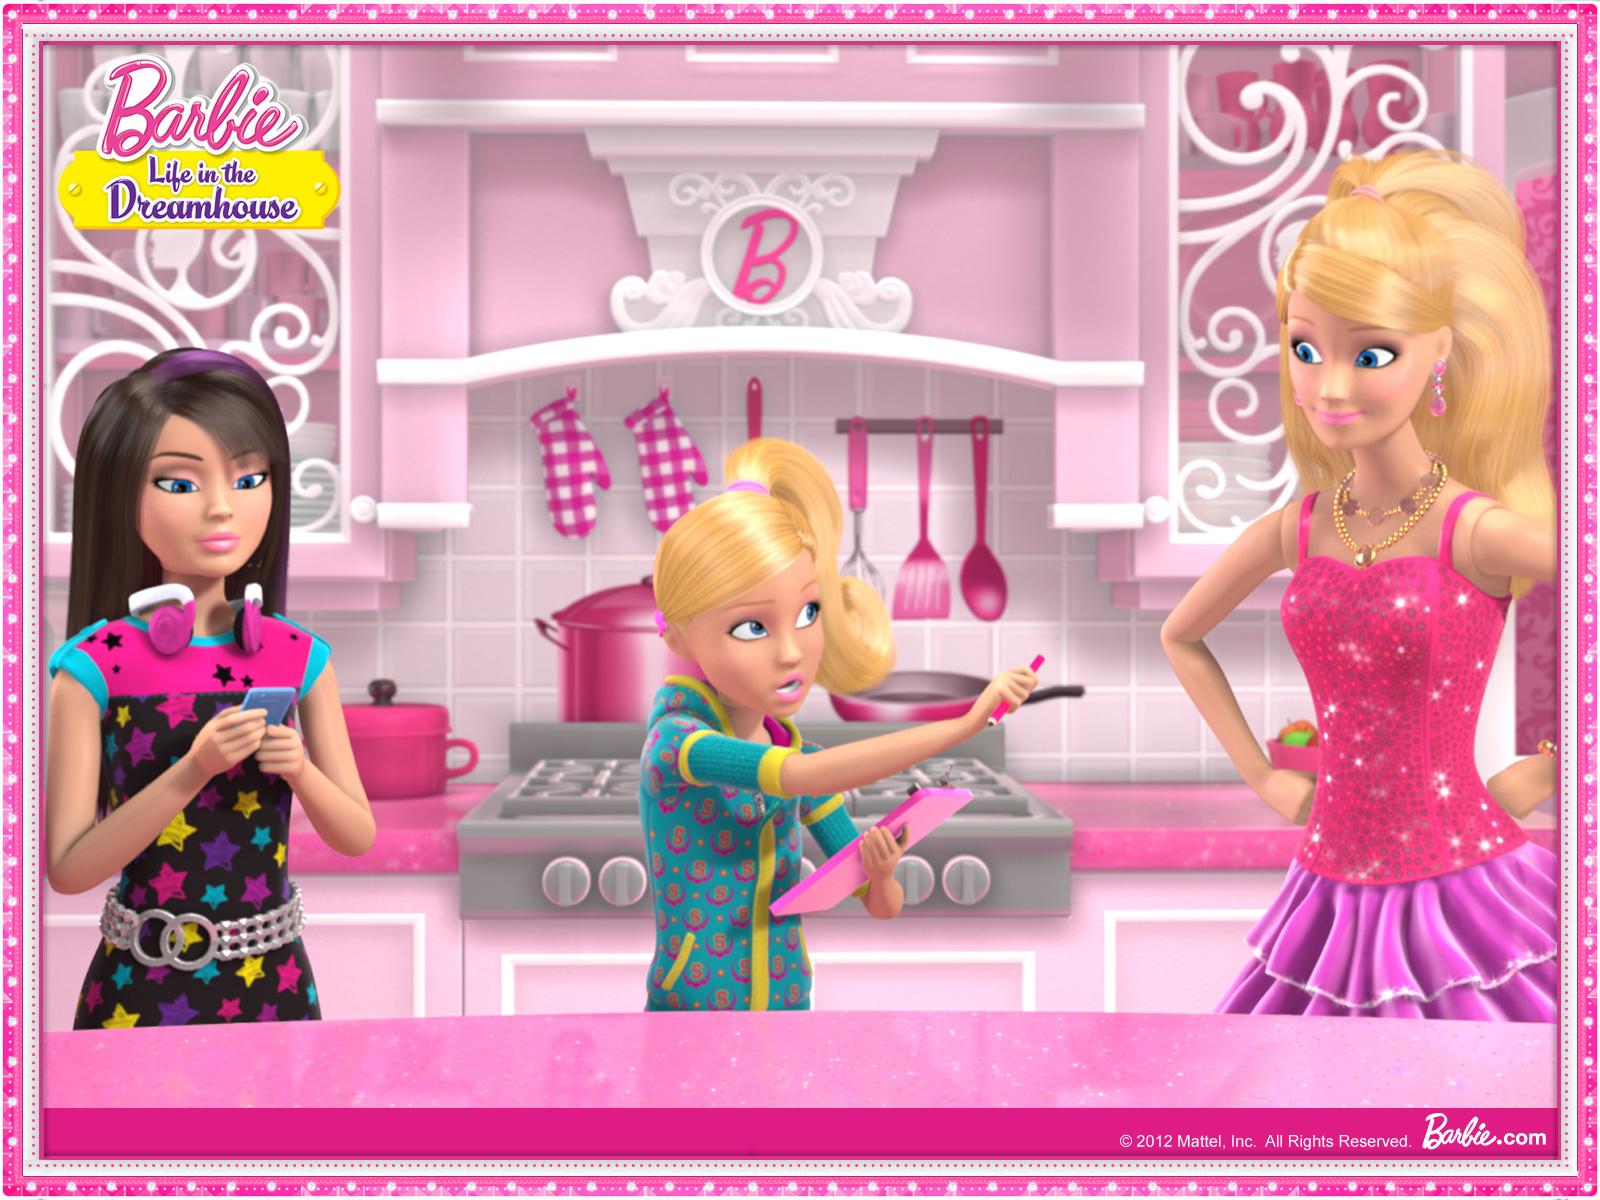 キュートポップ バービー人形 Barbie Pcデスクトップ壁紙